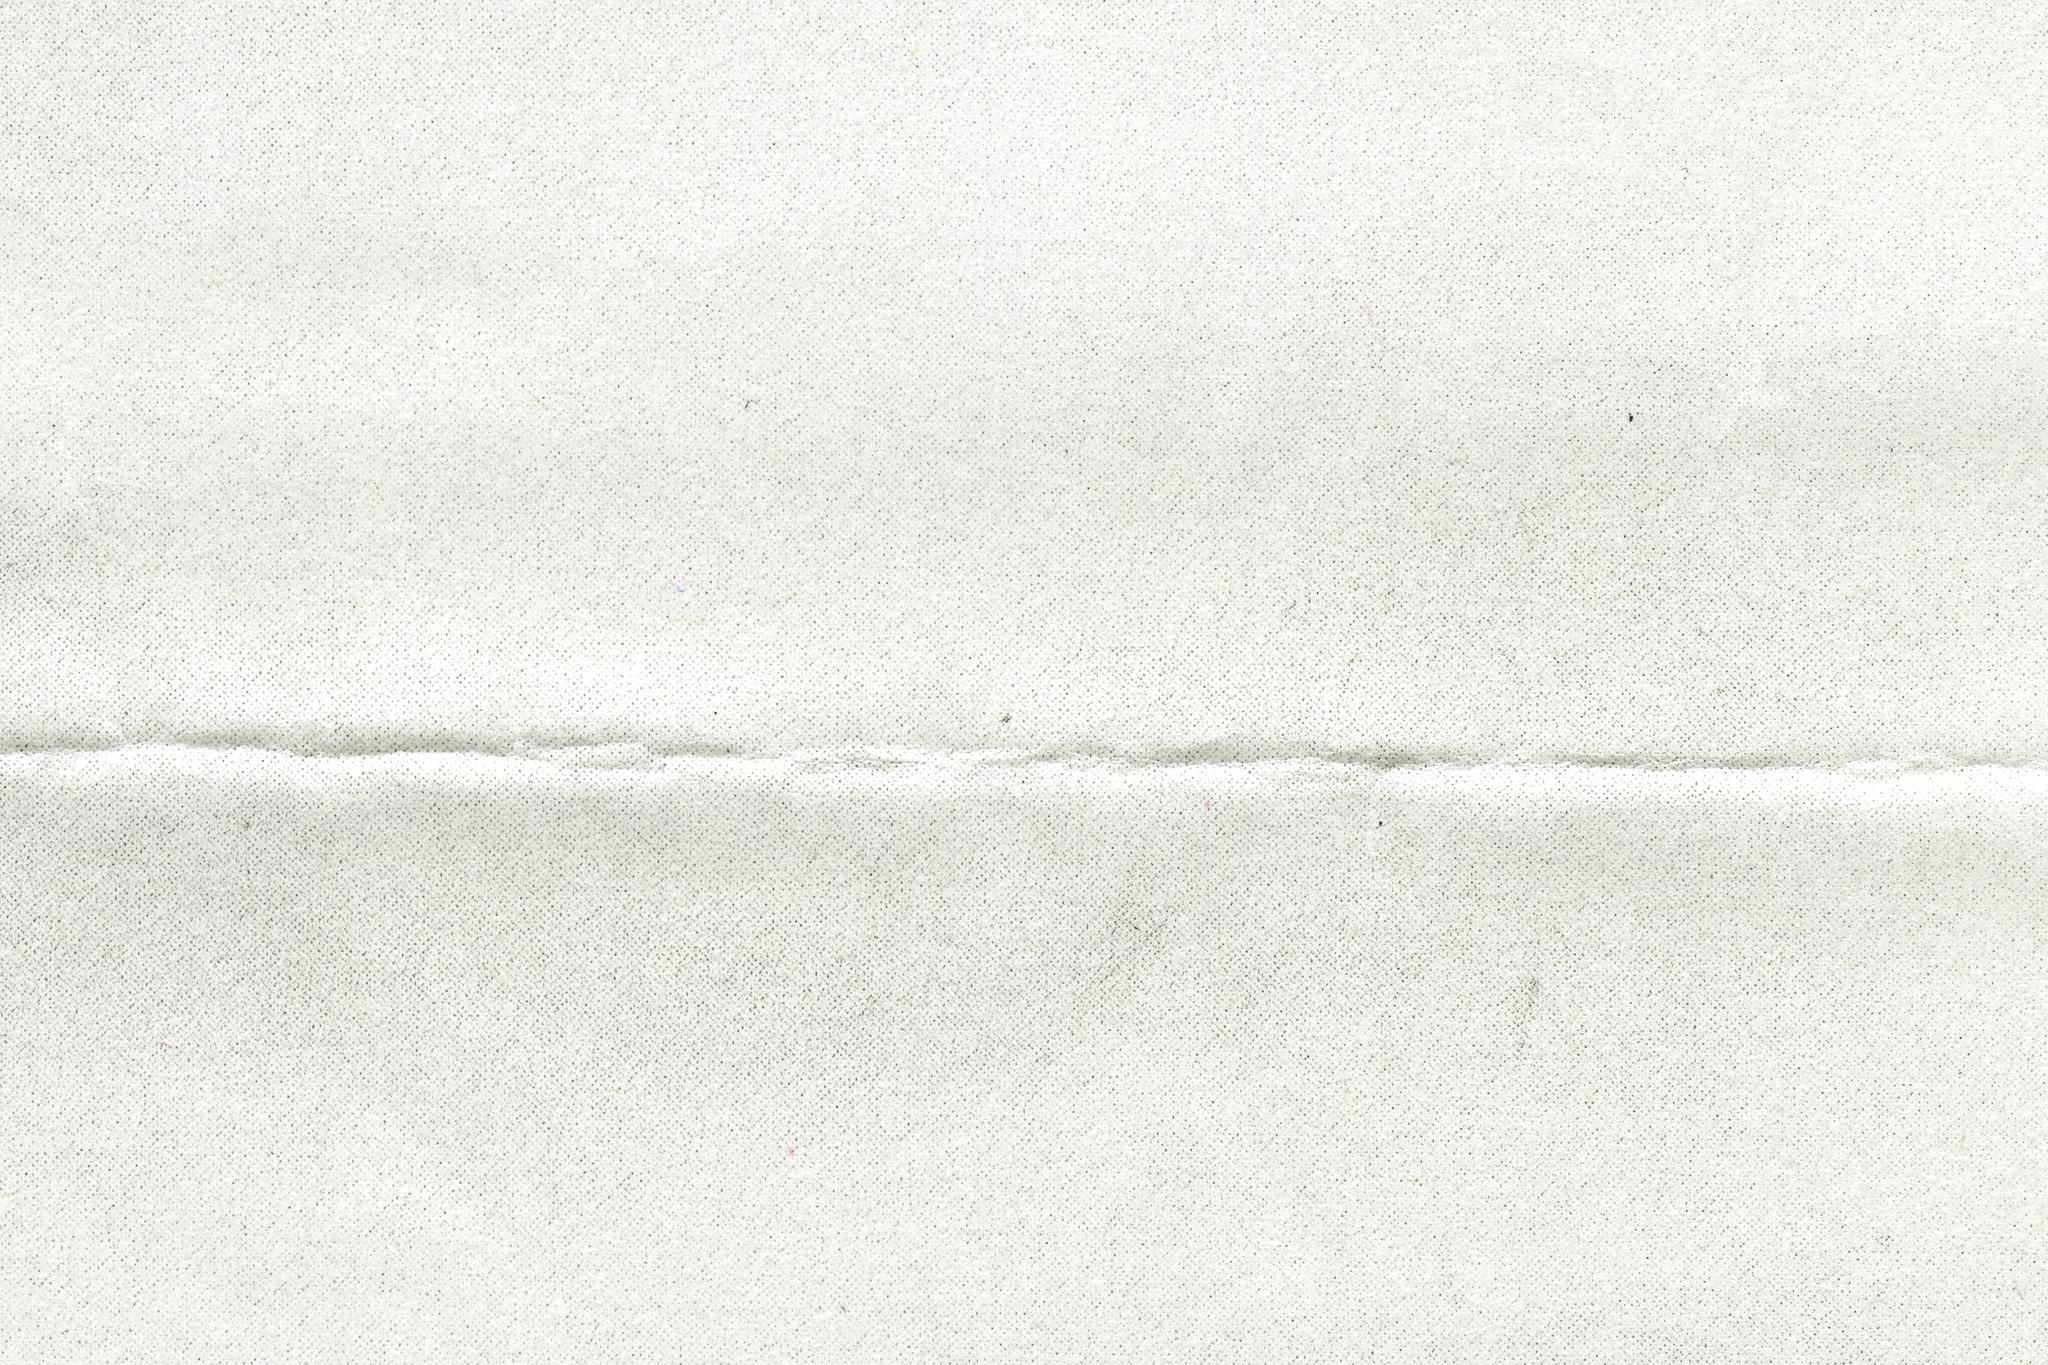 「紙の質感」